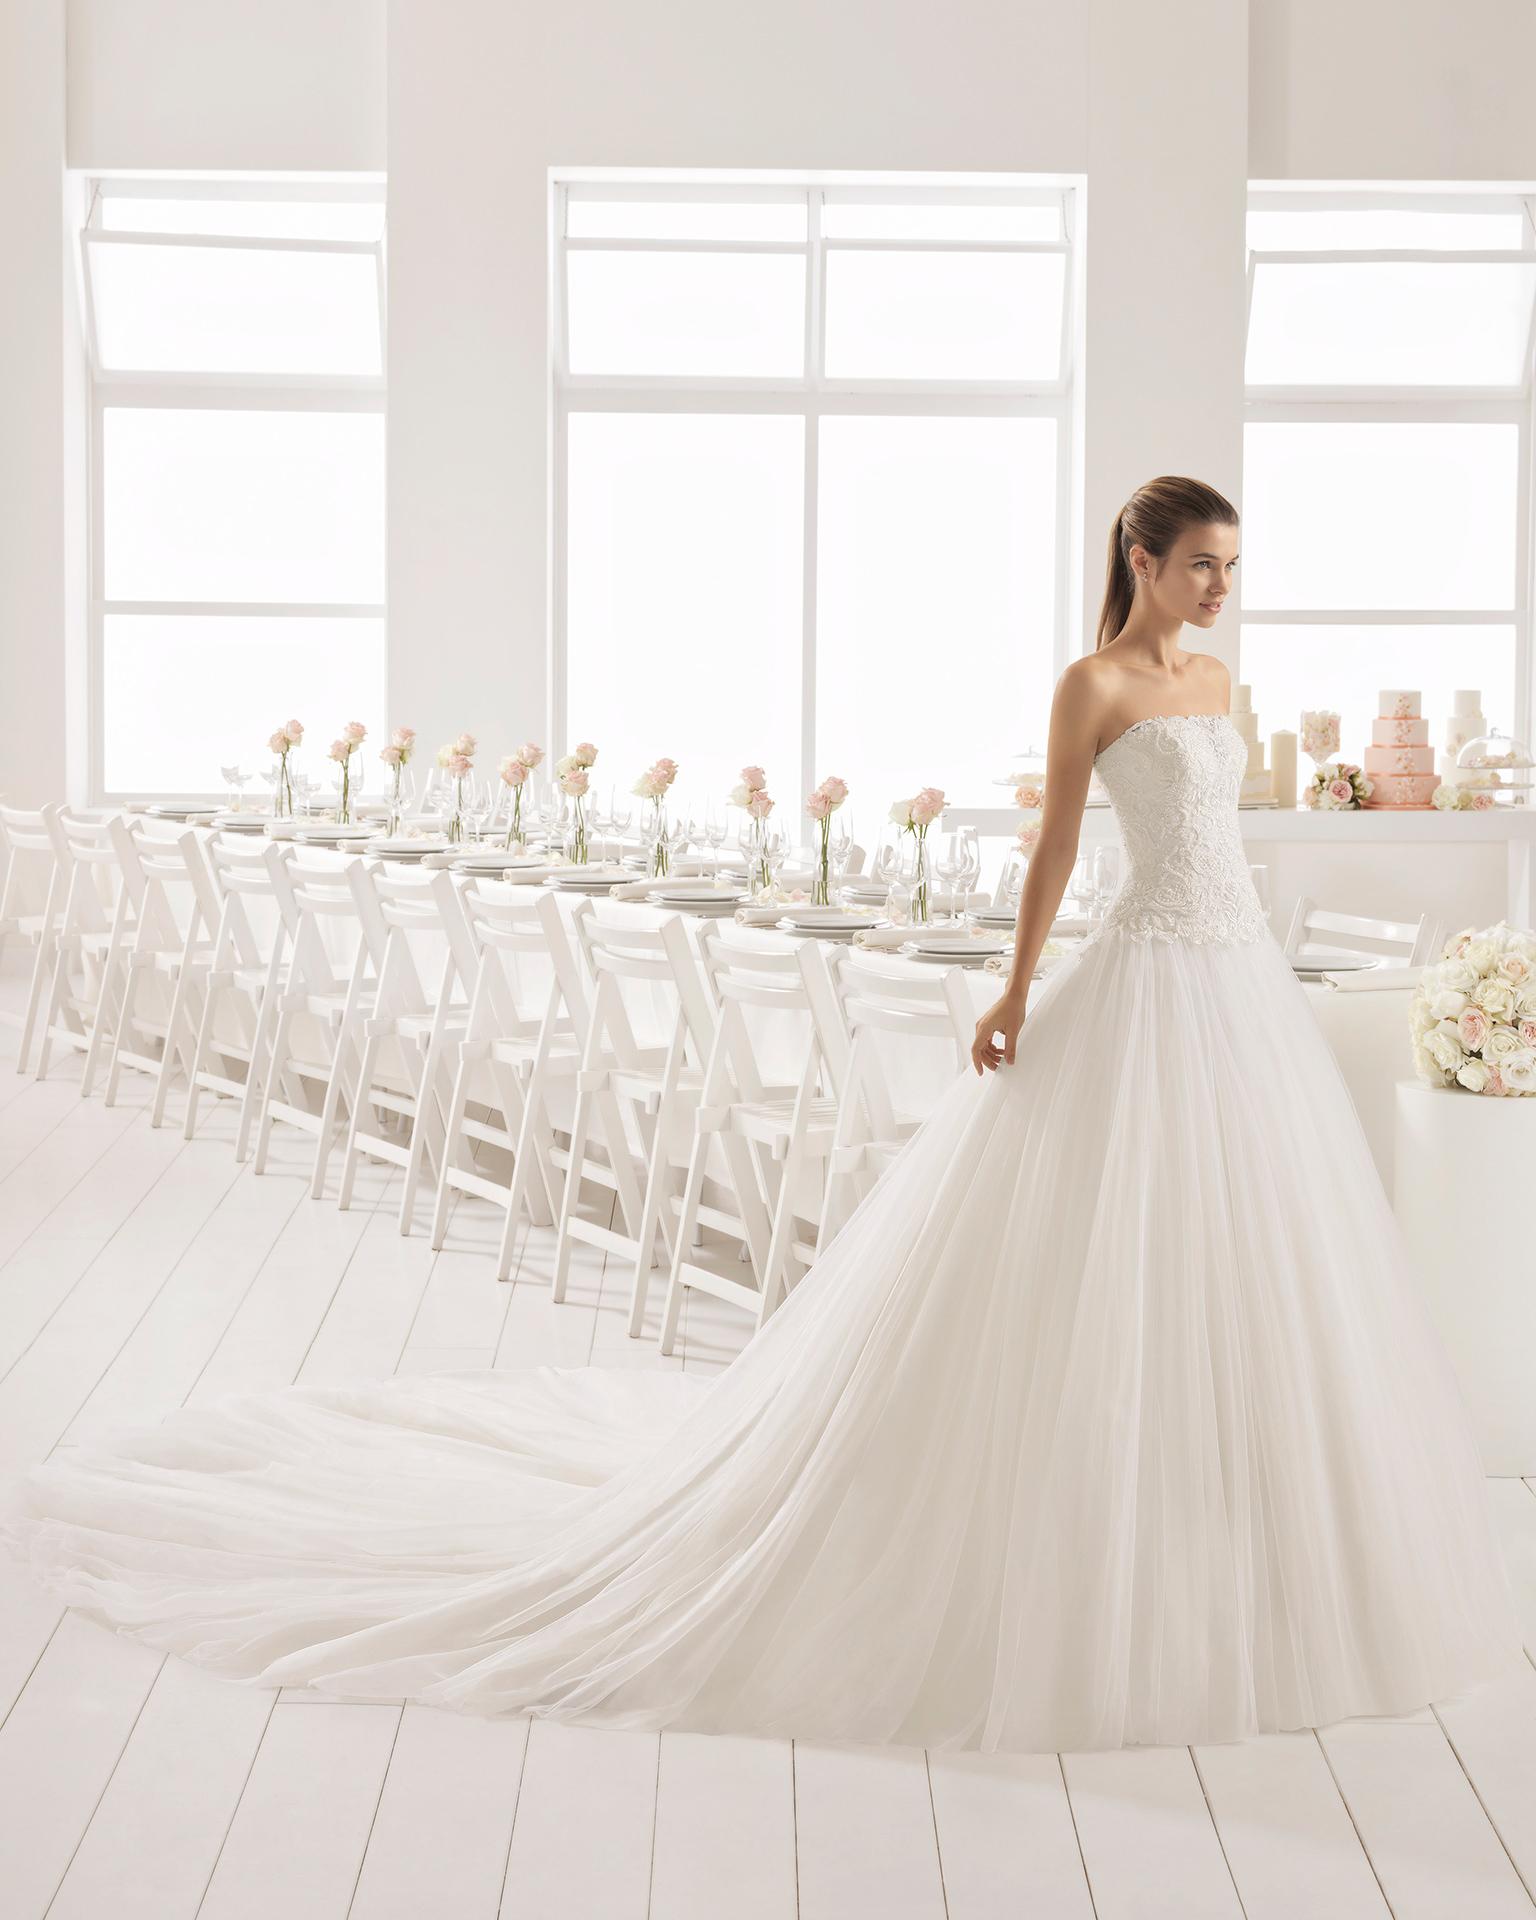 Romantisches Brautkleid aus Tüll und Spitze mit Strassbesatz, schulterfrei, mit weitem Rock.